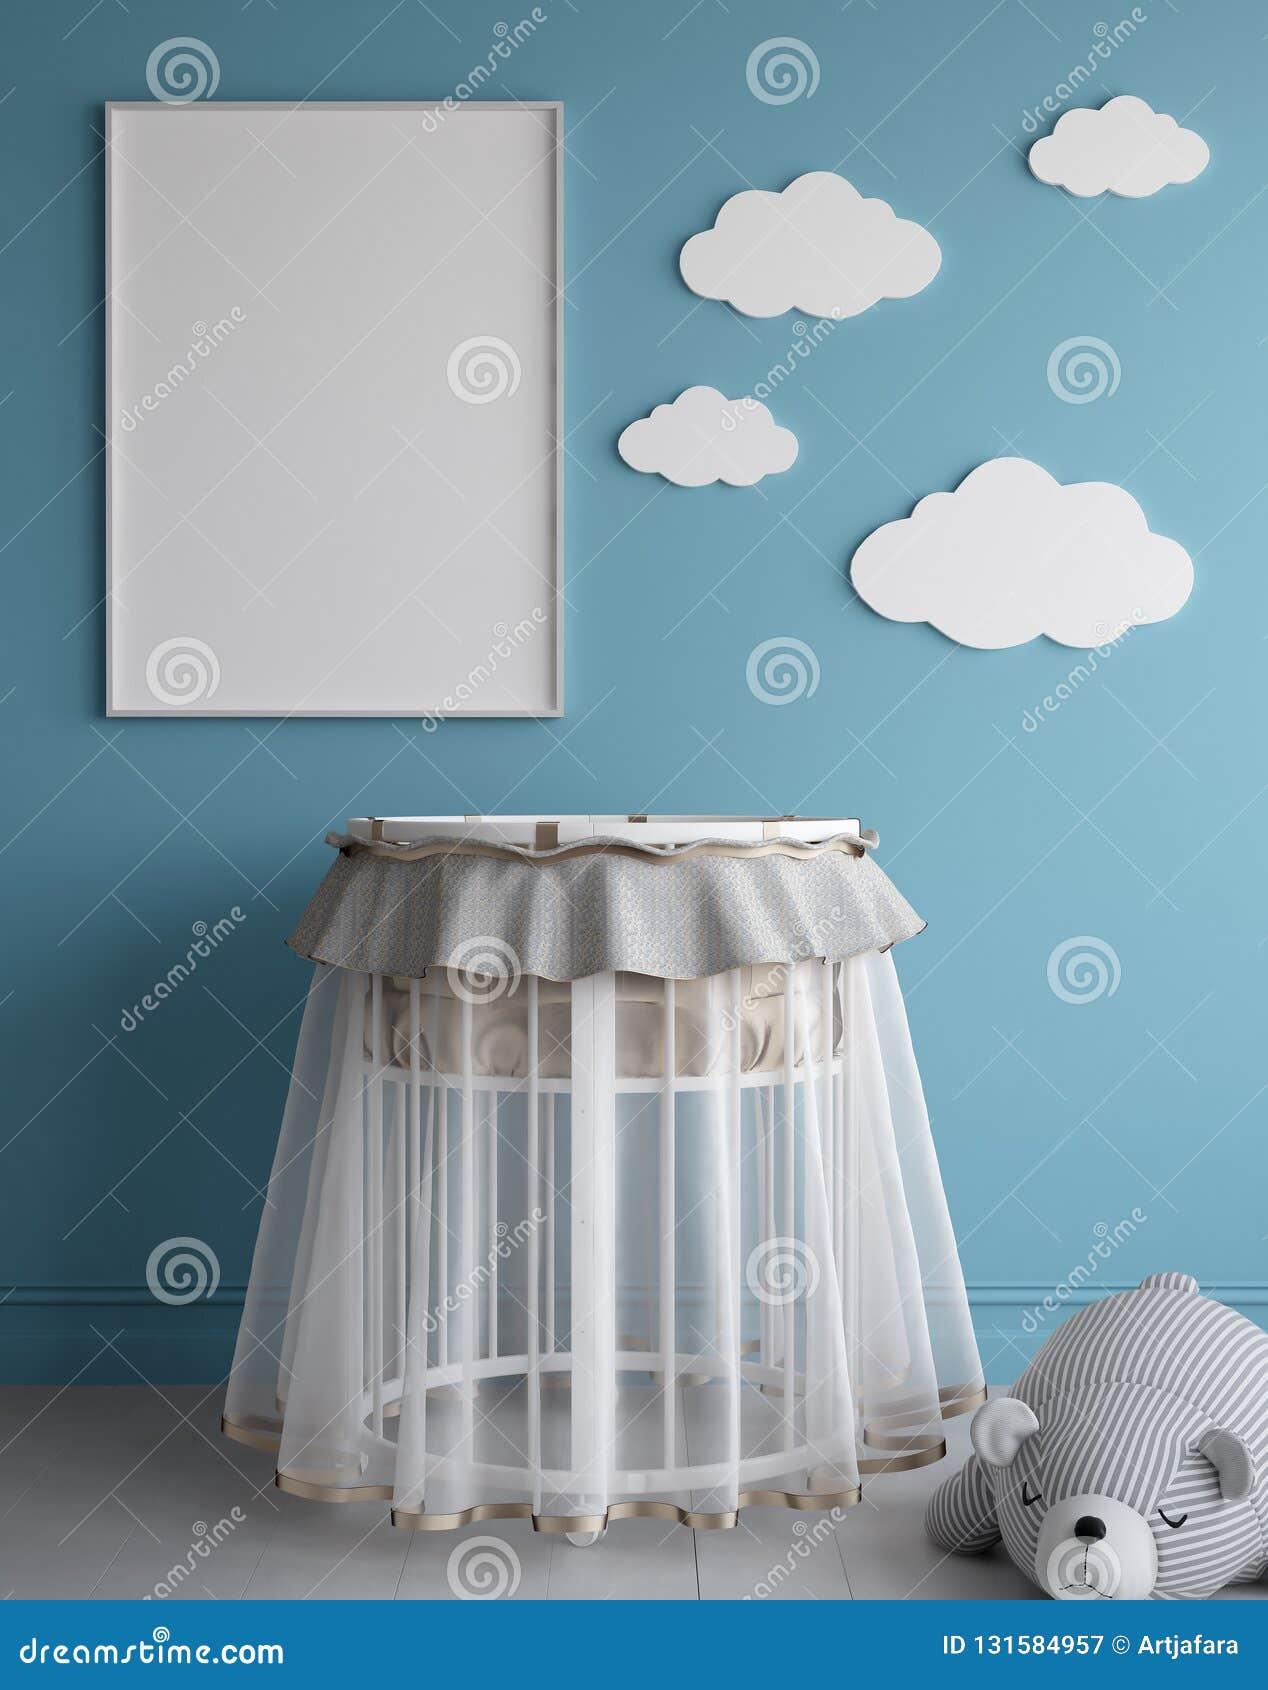 Imite encima de marco del cartel en el sitio de niños, fondo escandinavo del interior del estilo